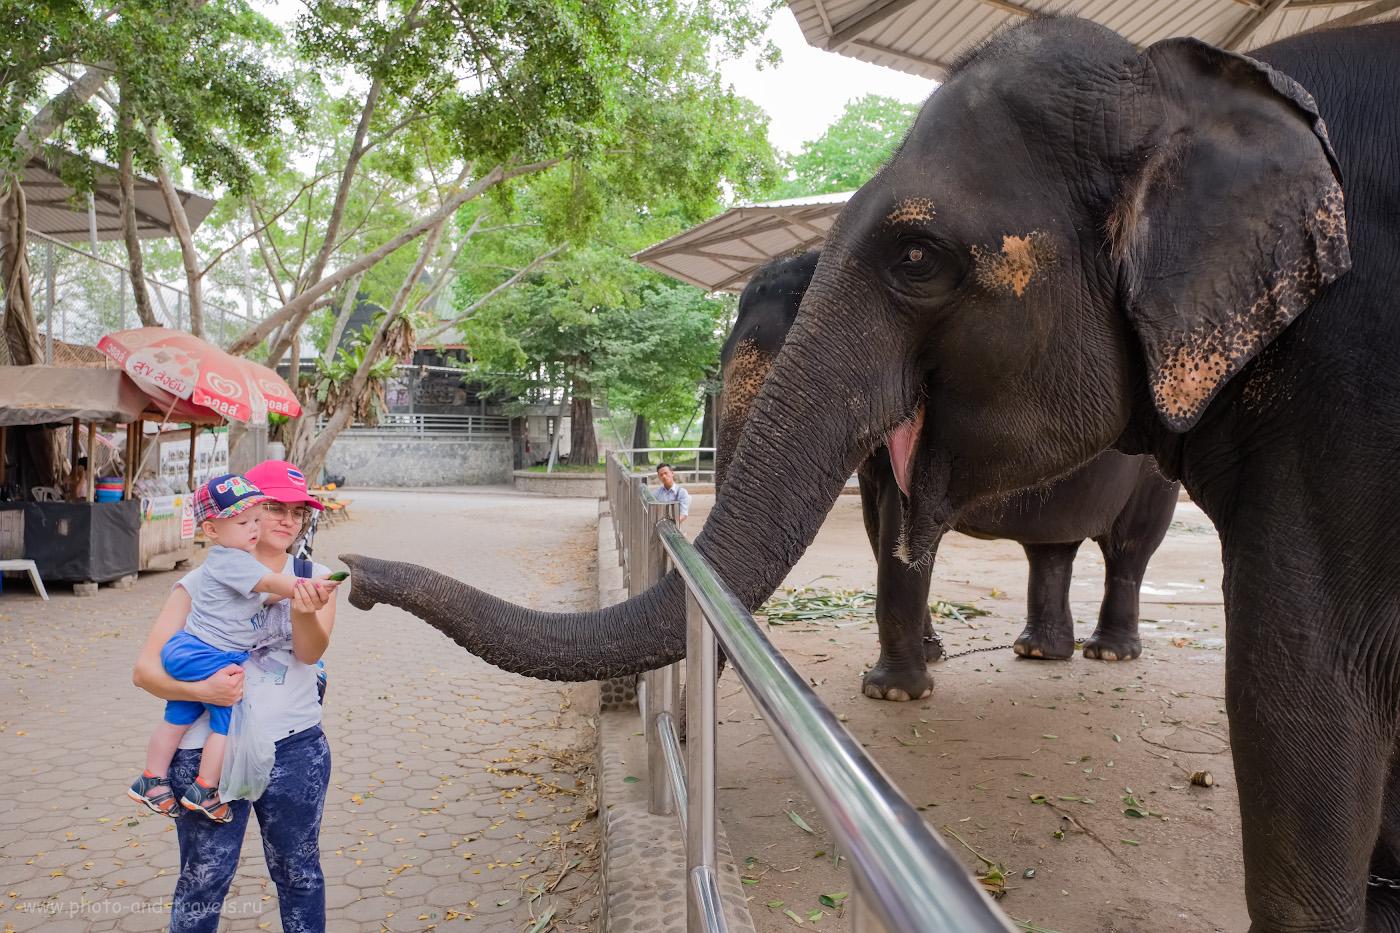 Фото 7. Если хотите накормить слона в Таиланде, то это не проблема. Та еще задачка – найти нормальную еду для ребенка! Снято на Fuji X-T10 + Fujifilm 16-55mm f/2.8. Настройки: 1/100, 2.8, 250, +0.33, 16.